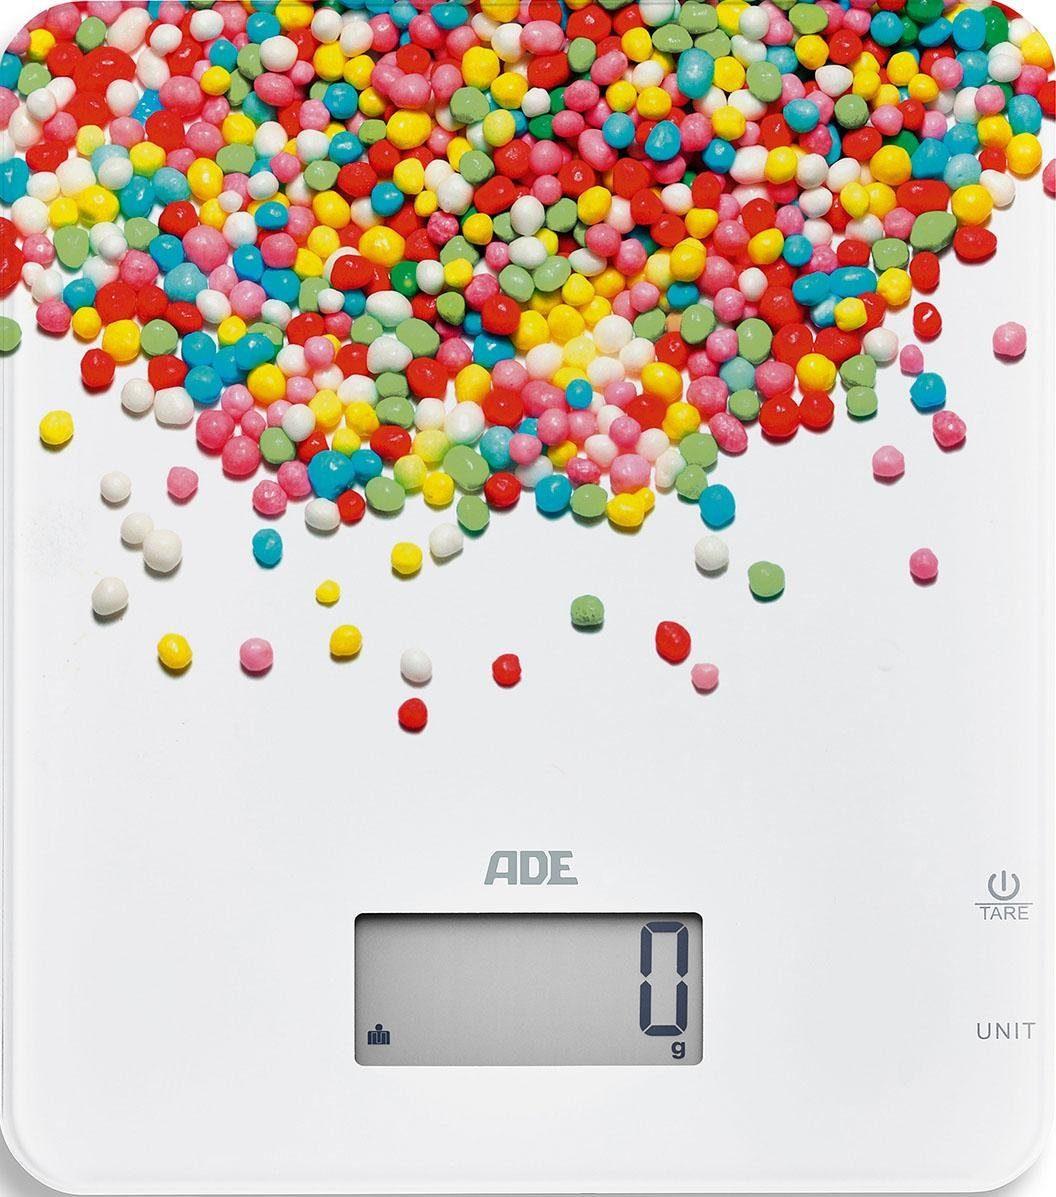 ADE Digitale Küchenwaage KE 1720 Candy